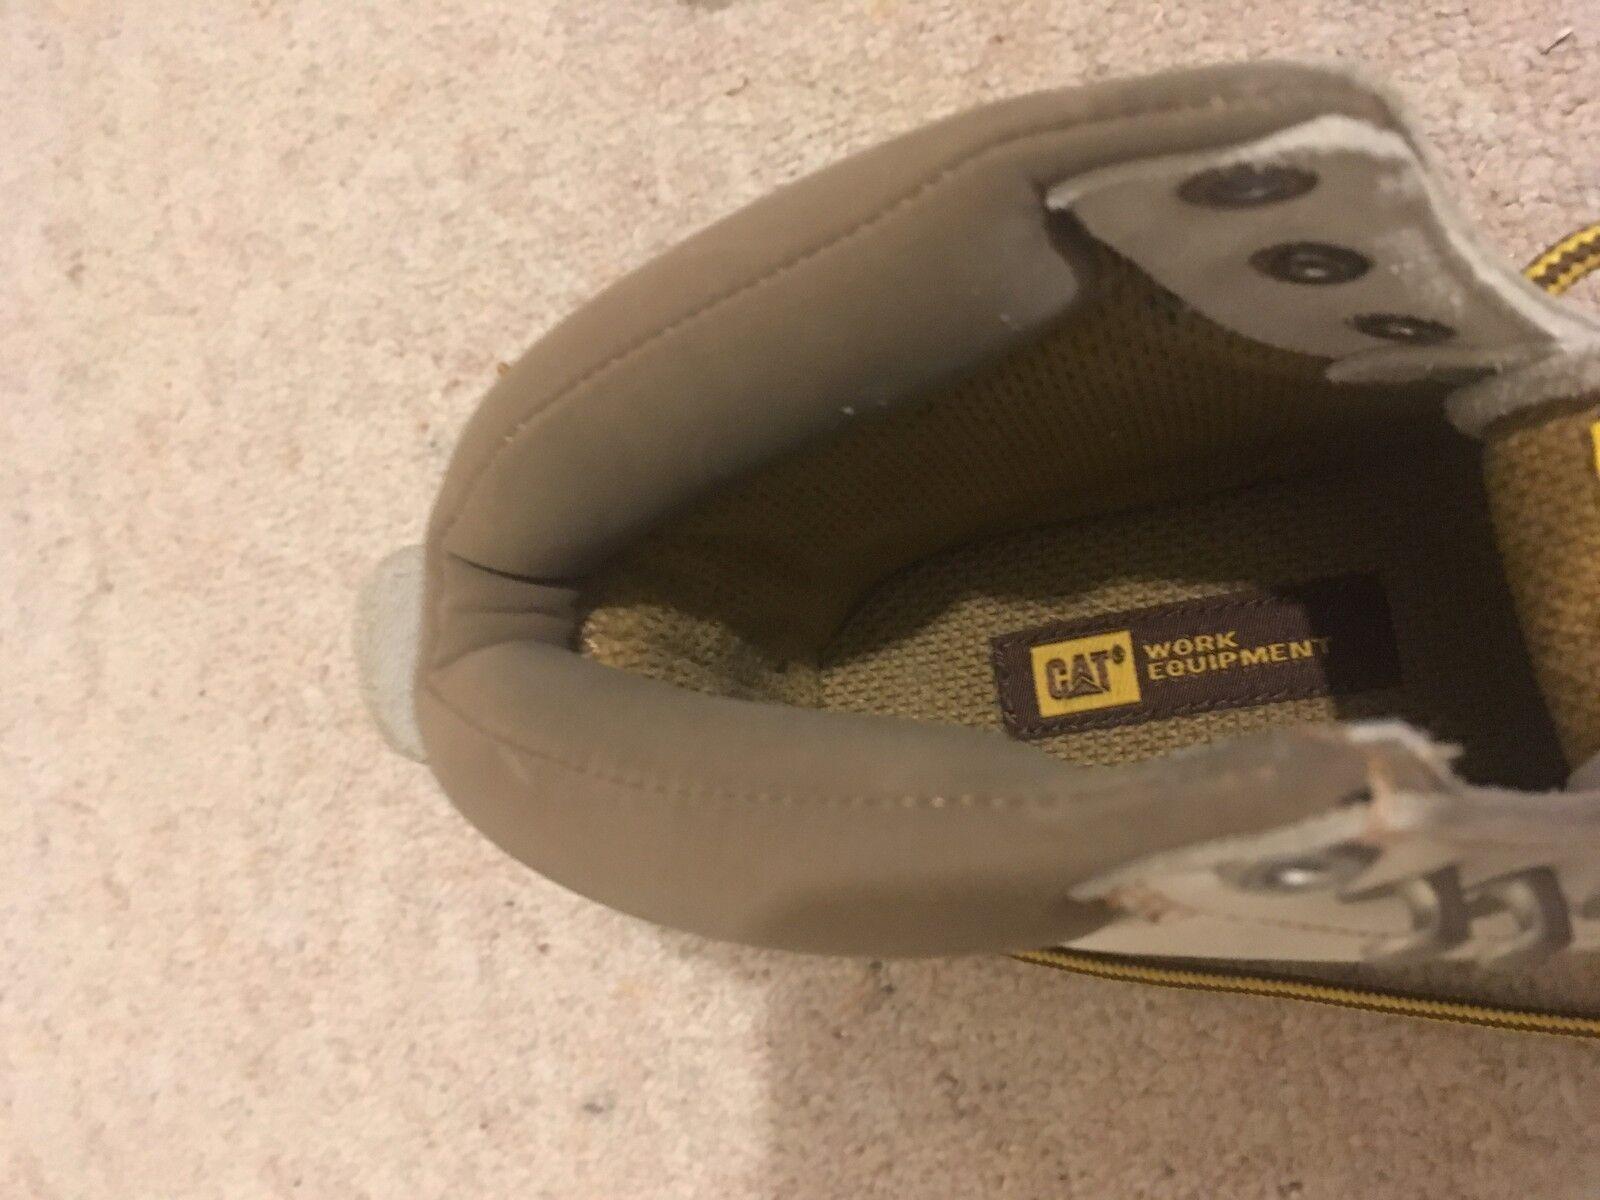 Stivali Caterpillar CAT Bianco in Pelle Scamosciata attrezzature attrezzature attrezzature di lavoro ufficio tecnico FLEX TAGLIA 4 37 NUOVI | Di Qualità Fine  | Uomo/Donna Scarpa  cf1268